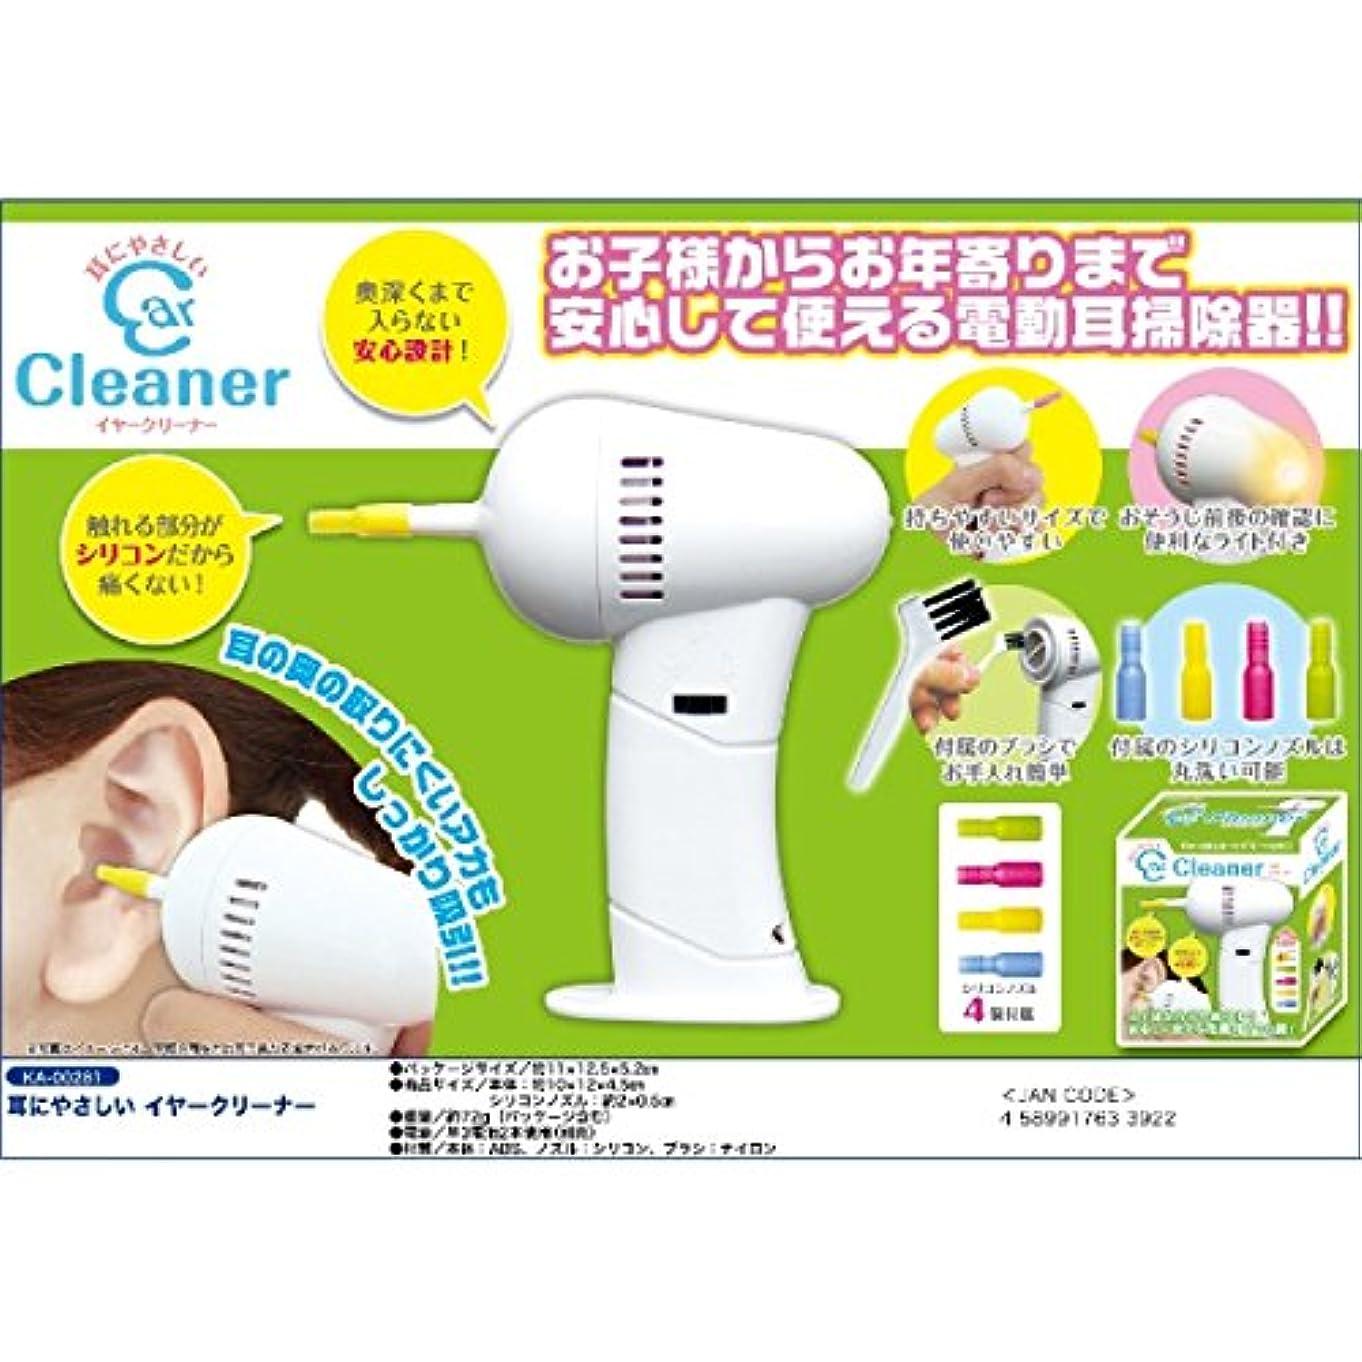 セグメント単位健康耳にやさしいイヤークリーナー KA-00281B